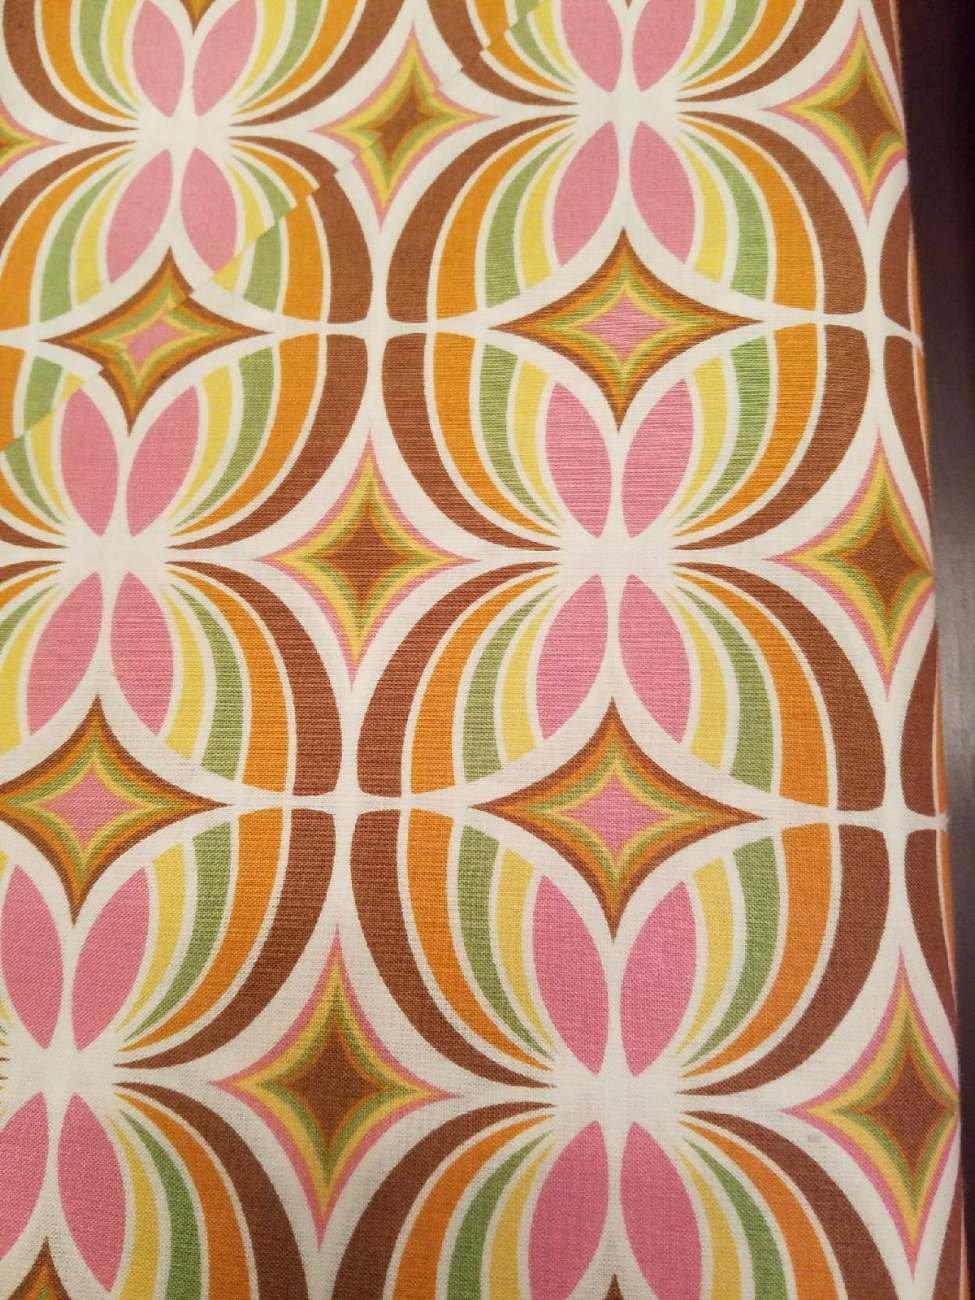 Andover Fabrics Flock by Thomas Knauer